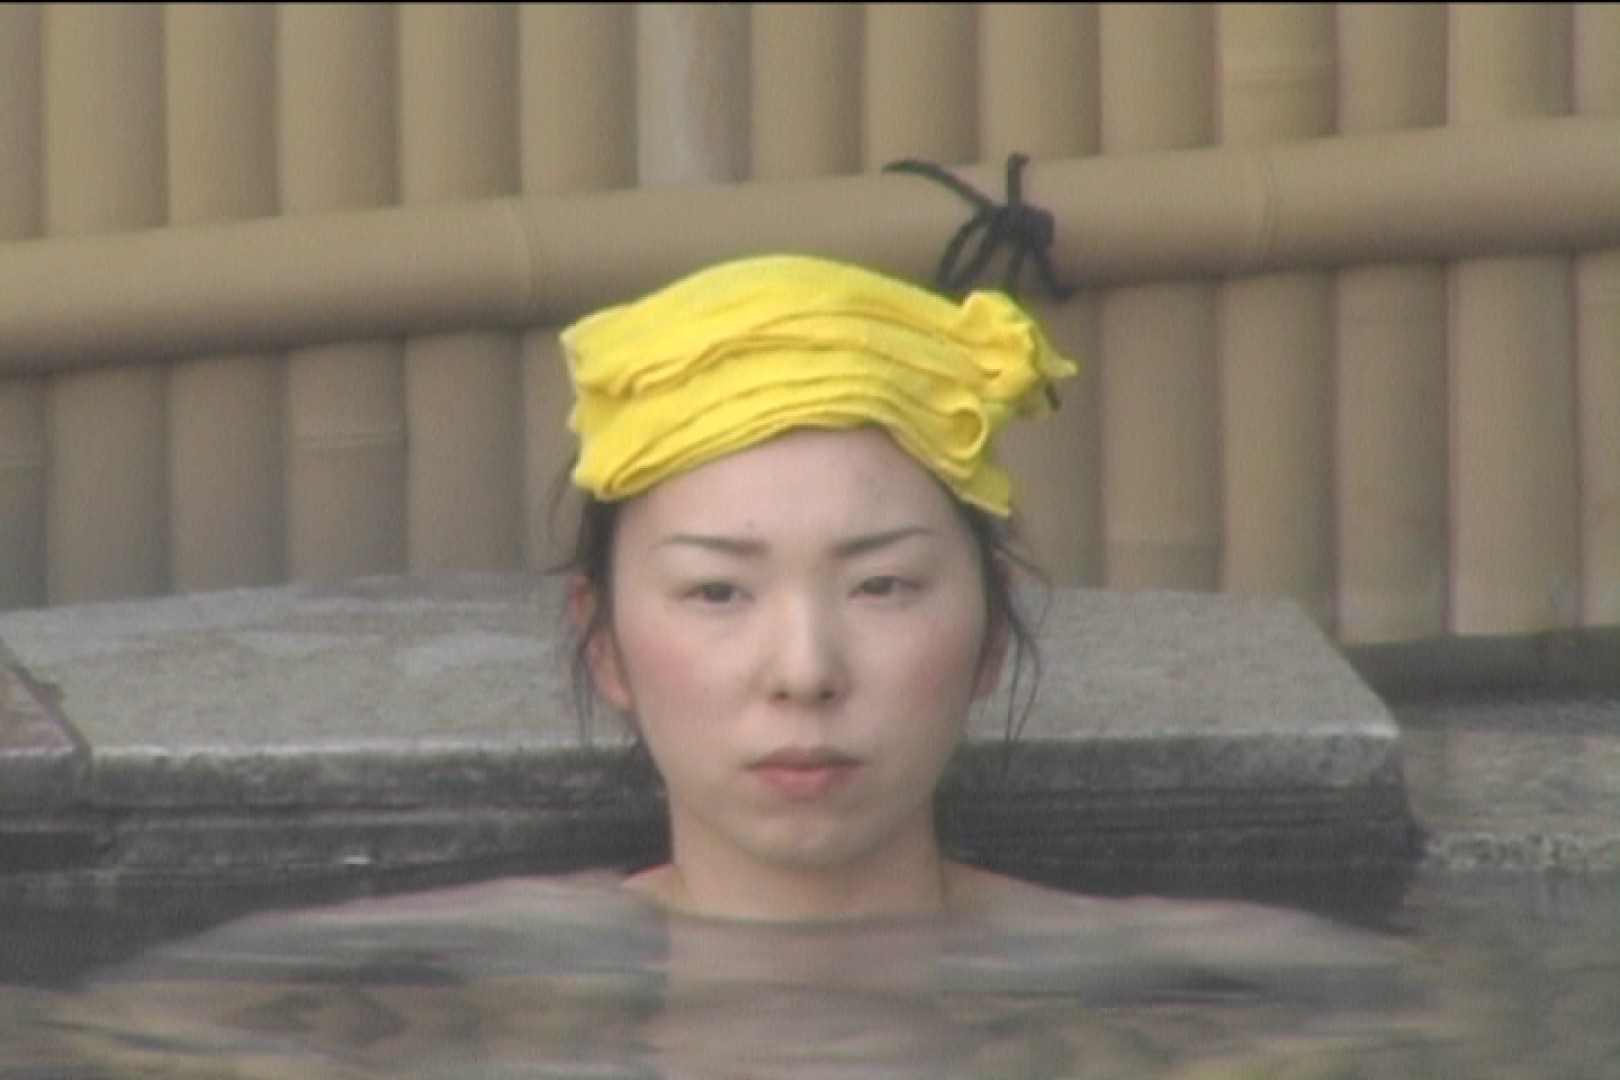 Aquaな露天風呂Vol.529 盗撮師作品 おめこ無修正画像 104pic 38